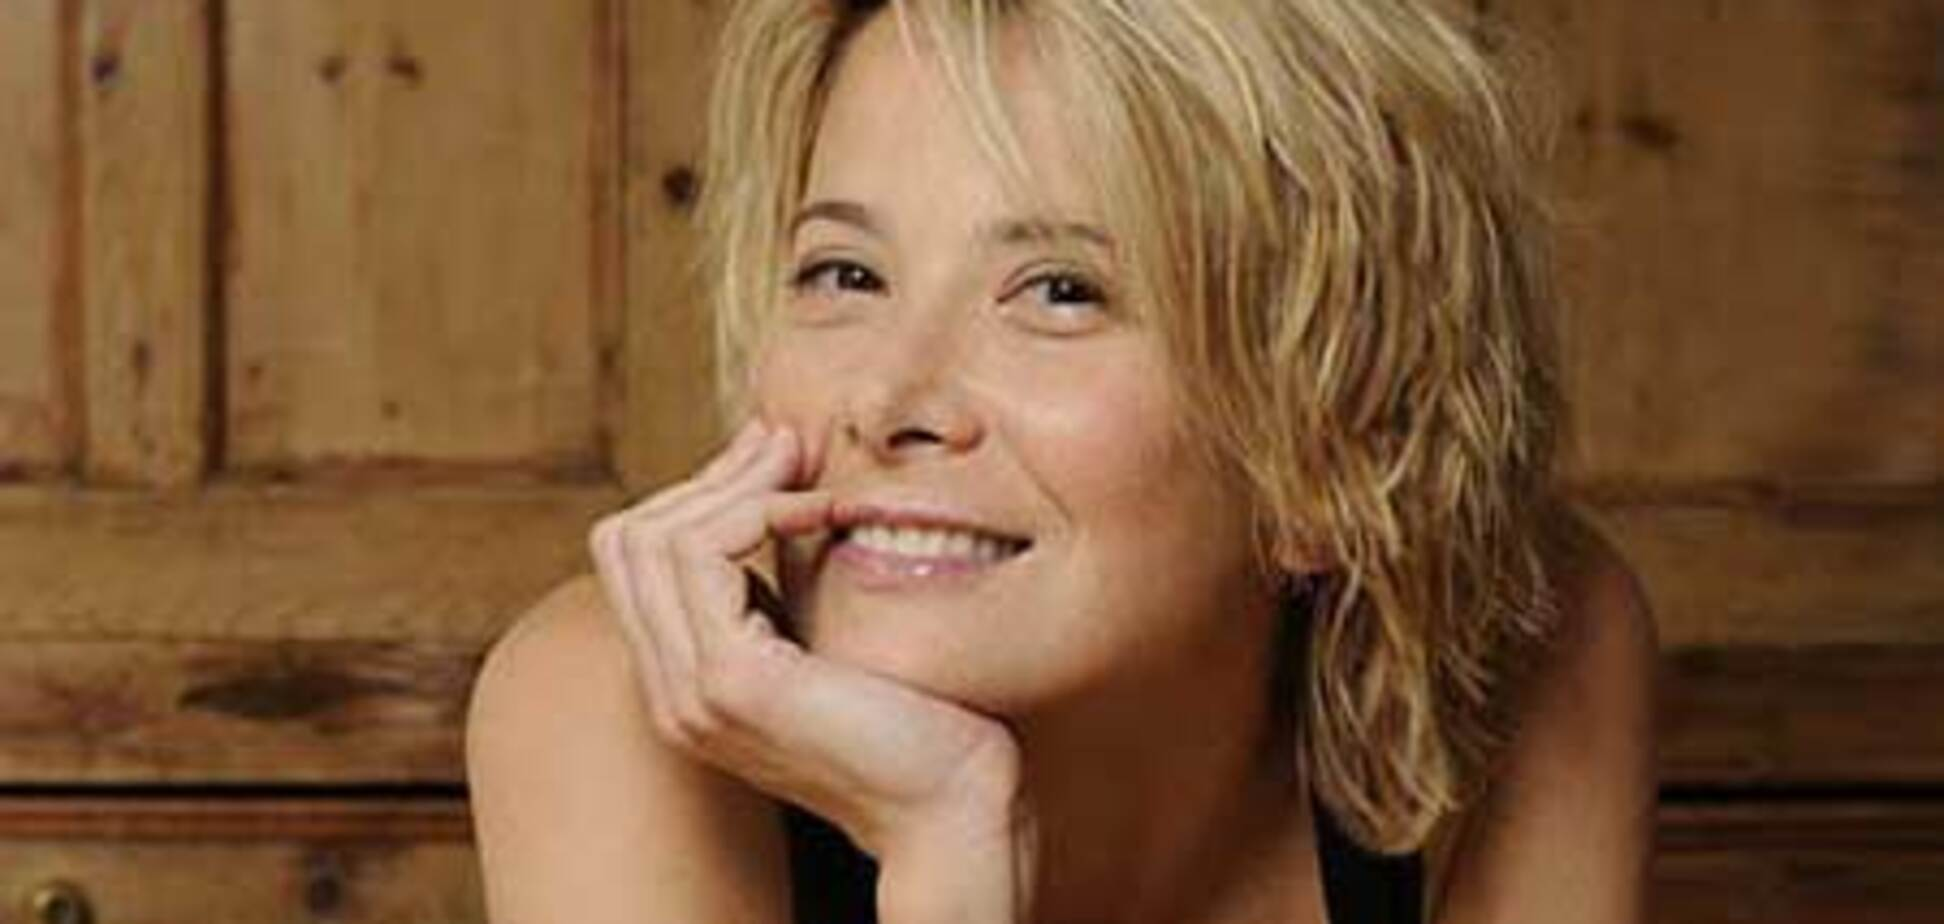 Юлия Высоцкая: «Рестораторы могут придушить меня в подъезде»